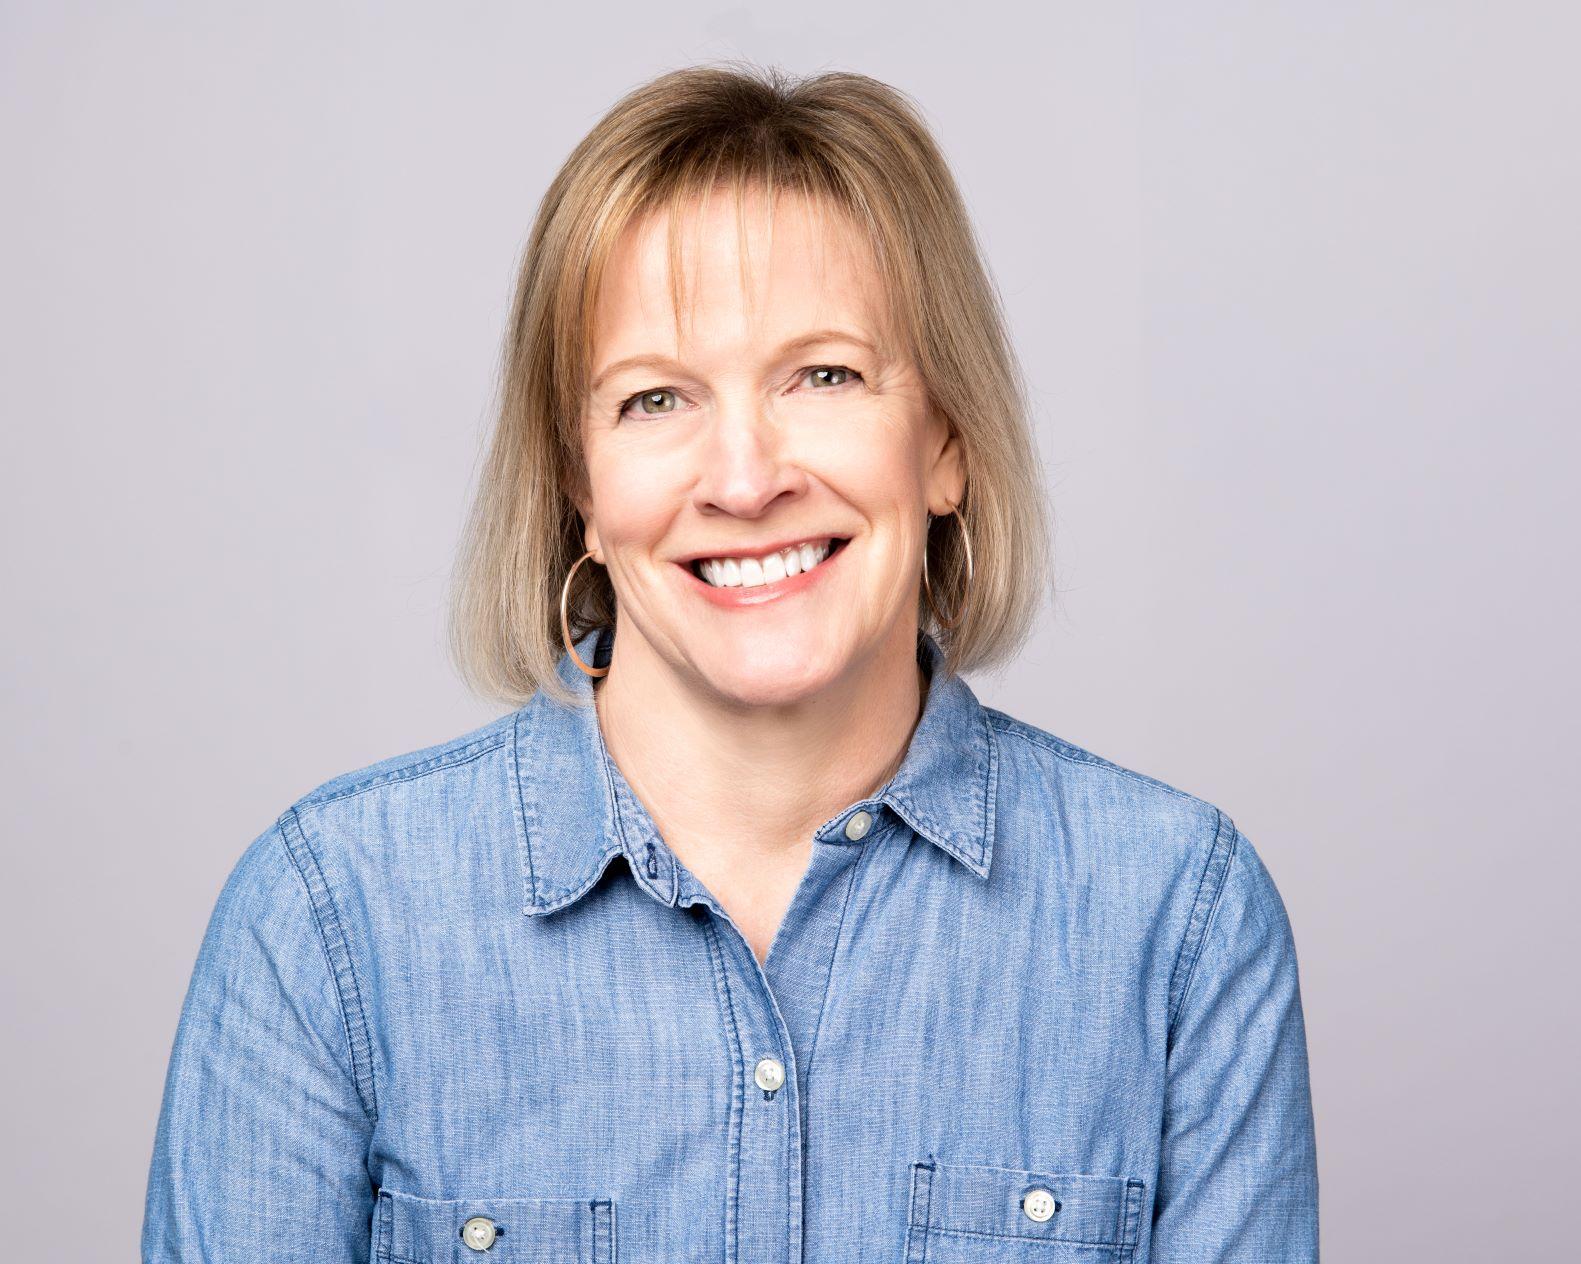 Lisa Cornelison